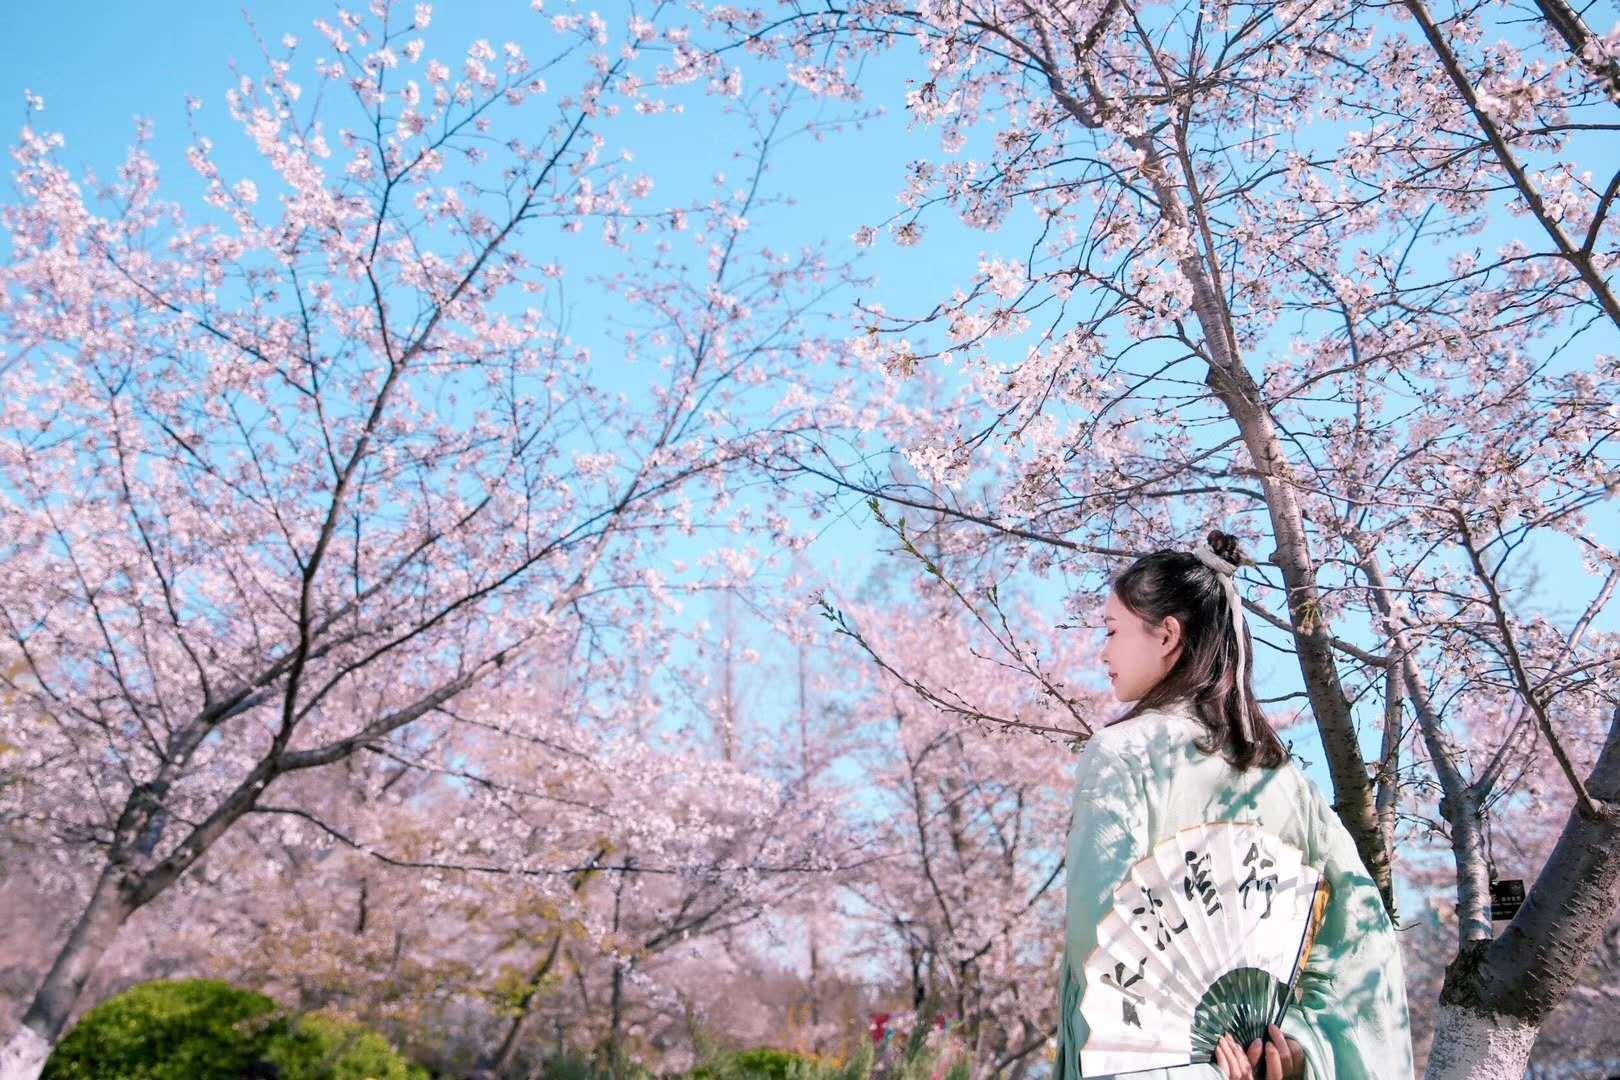 赏花为什么非得穿和服?在京郊穿汉服一样美